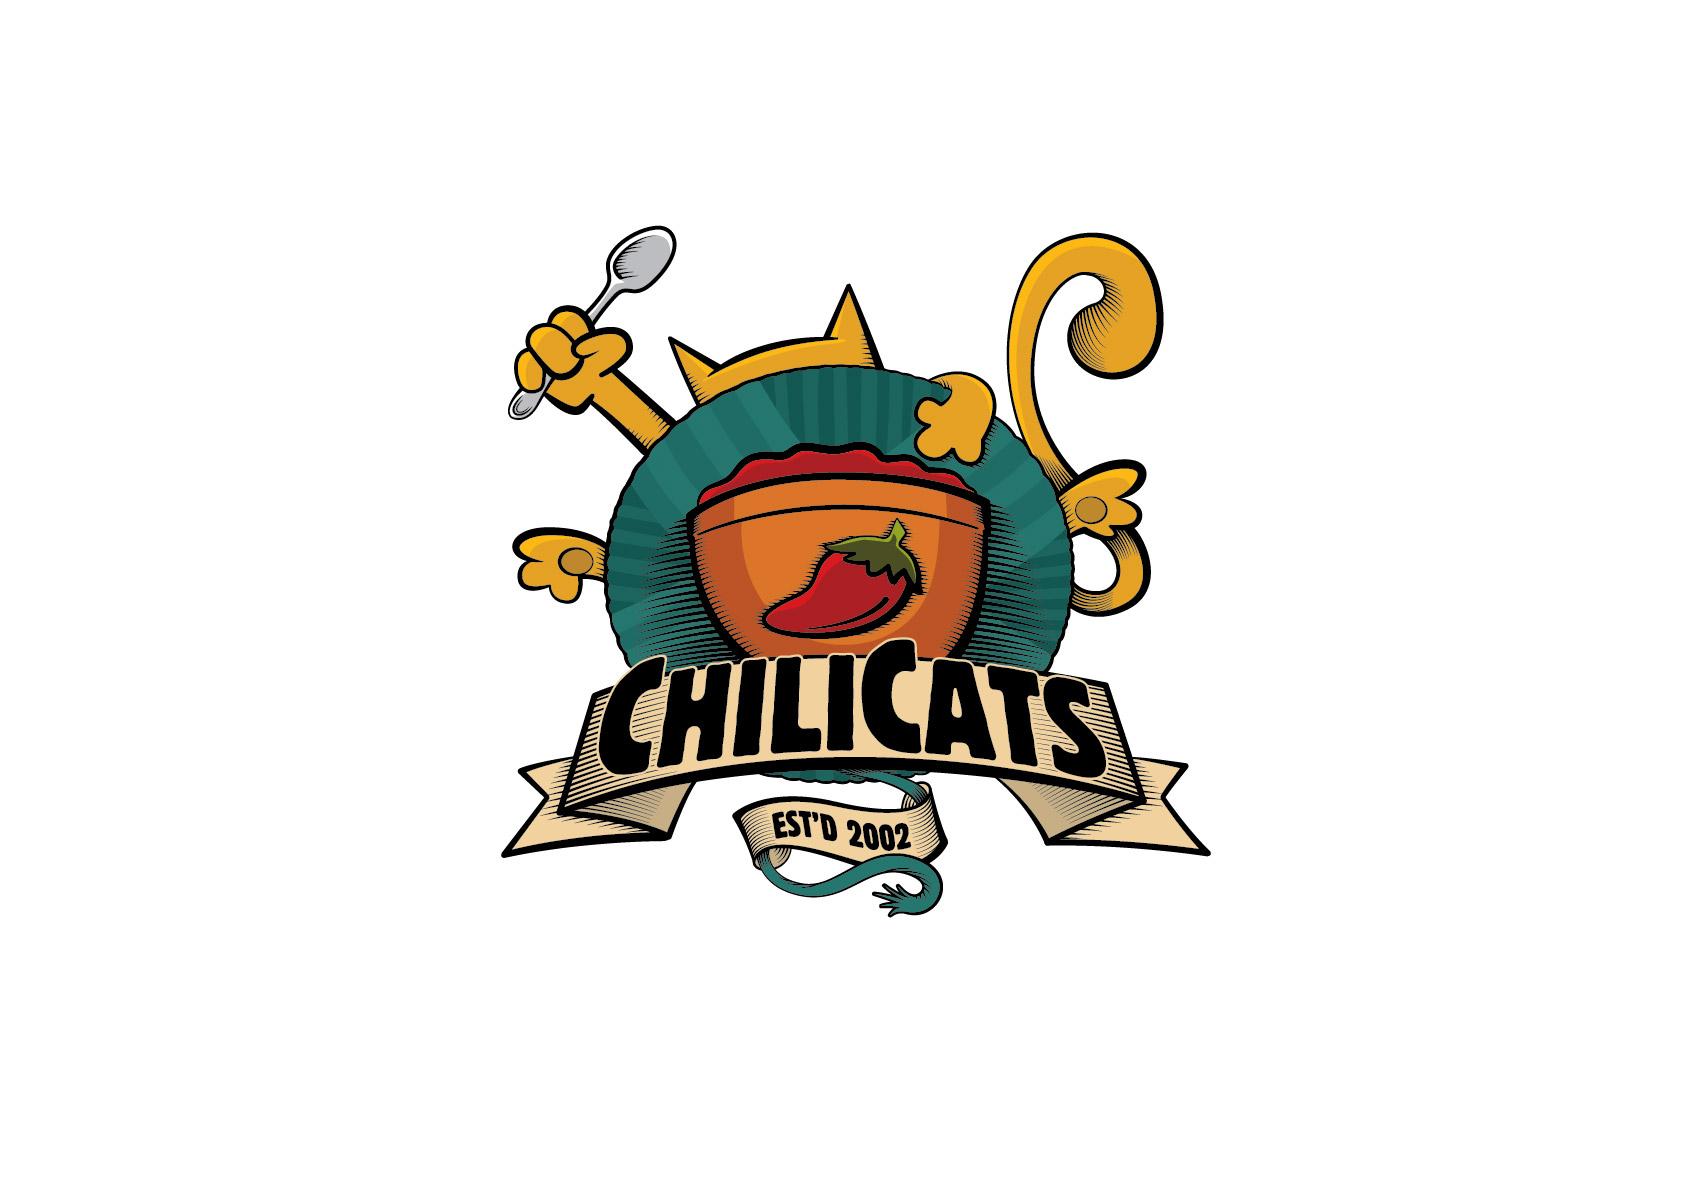 Chili Cats